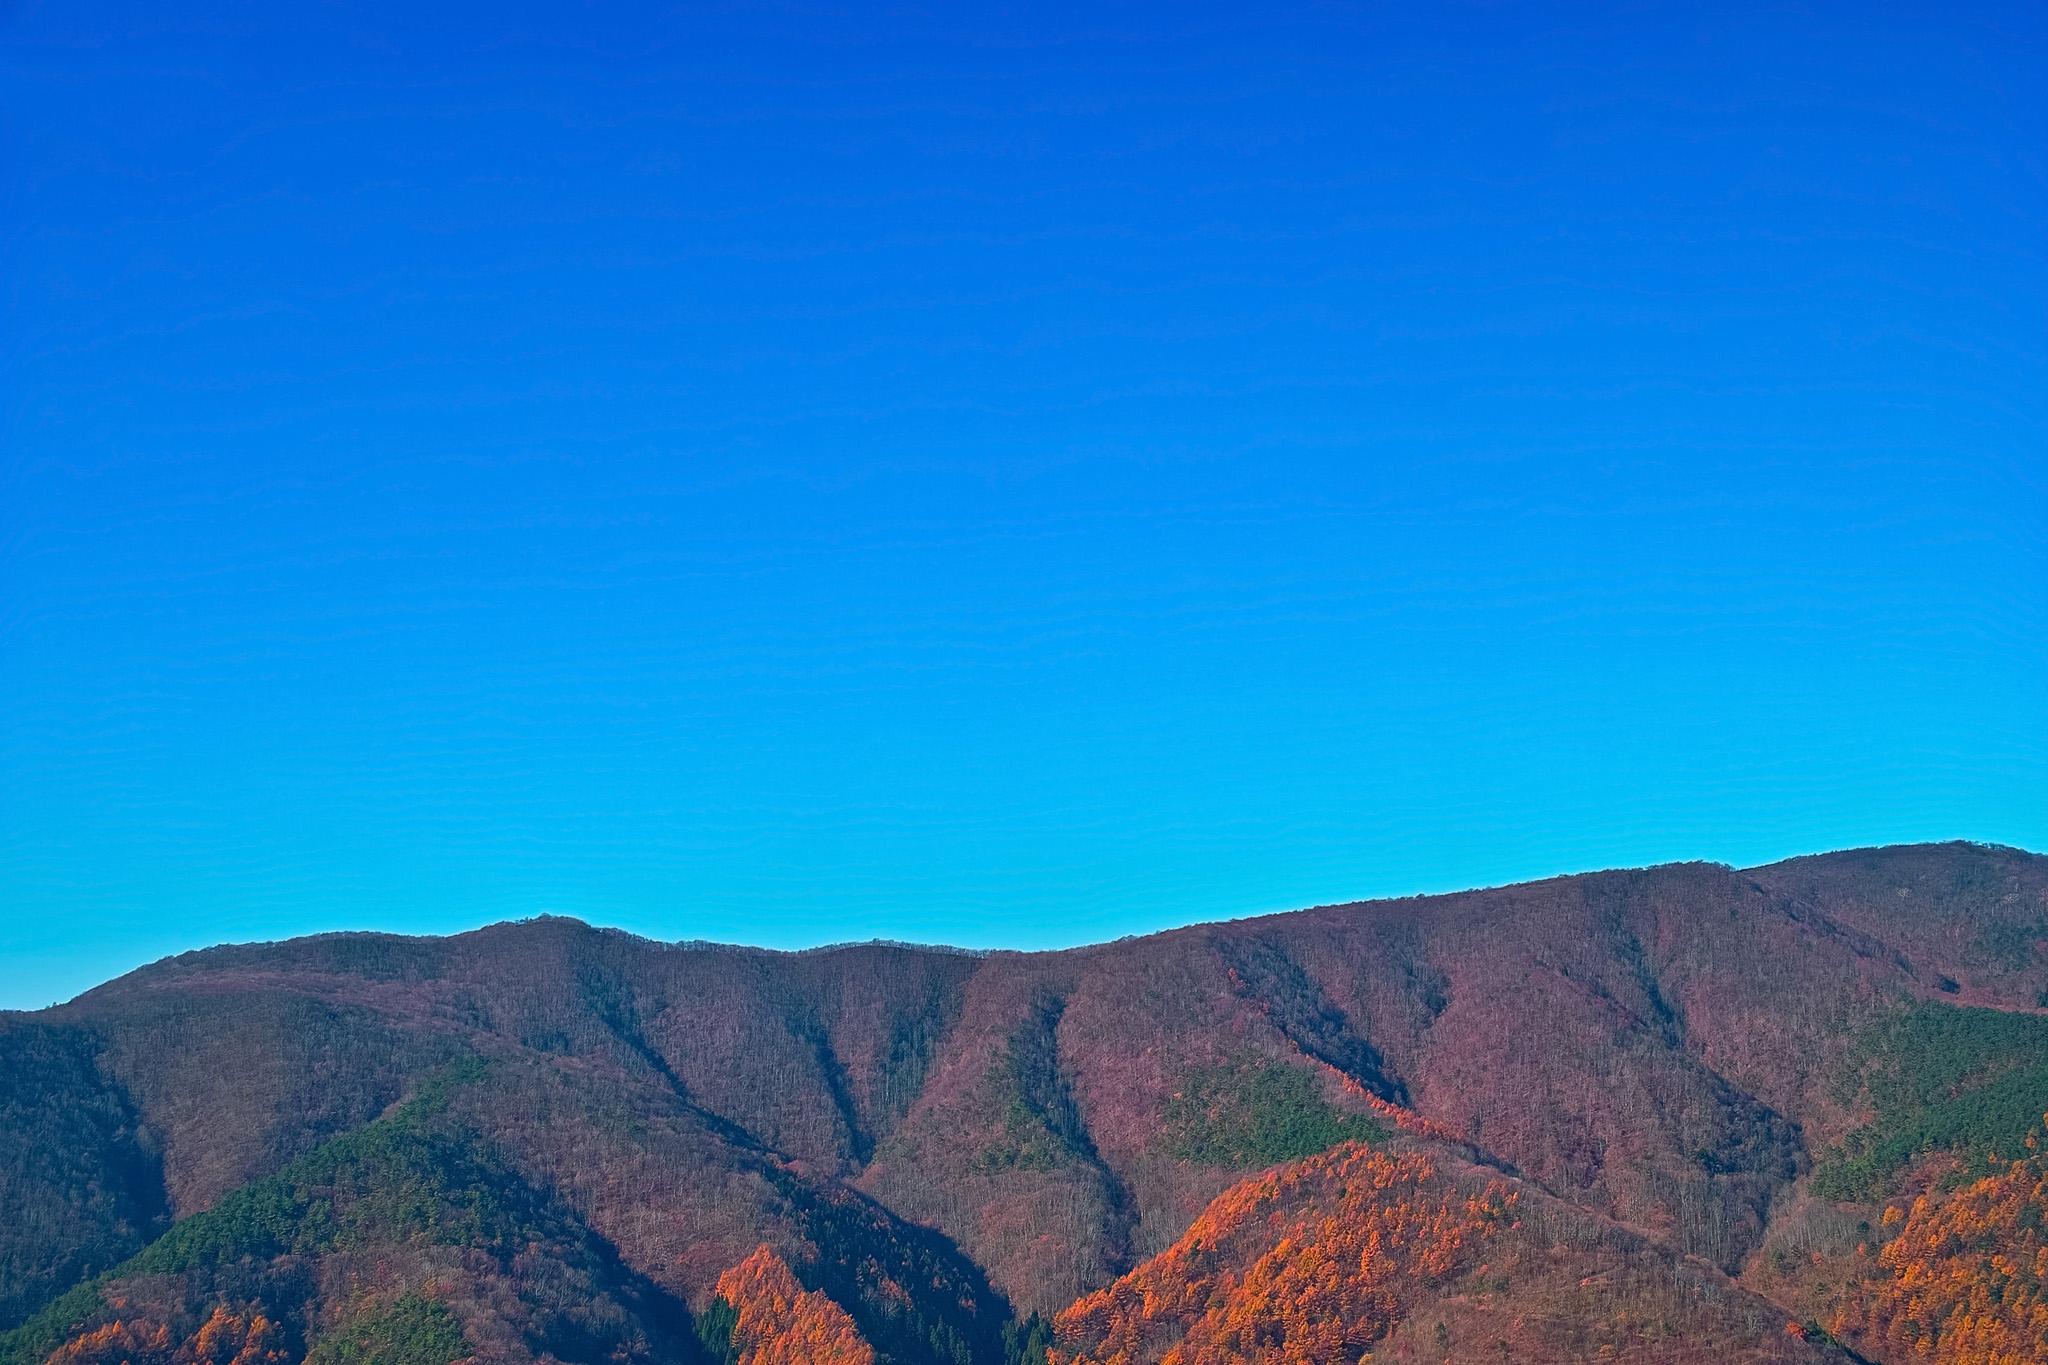 「透き通った青い空と紅葉ある山裾」の画像を無料ダウンロード